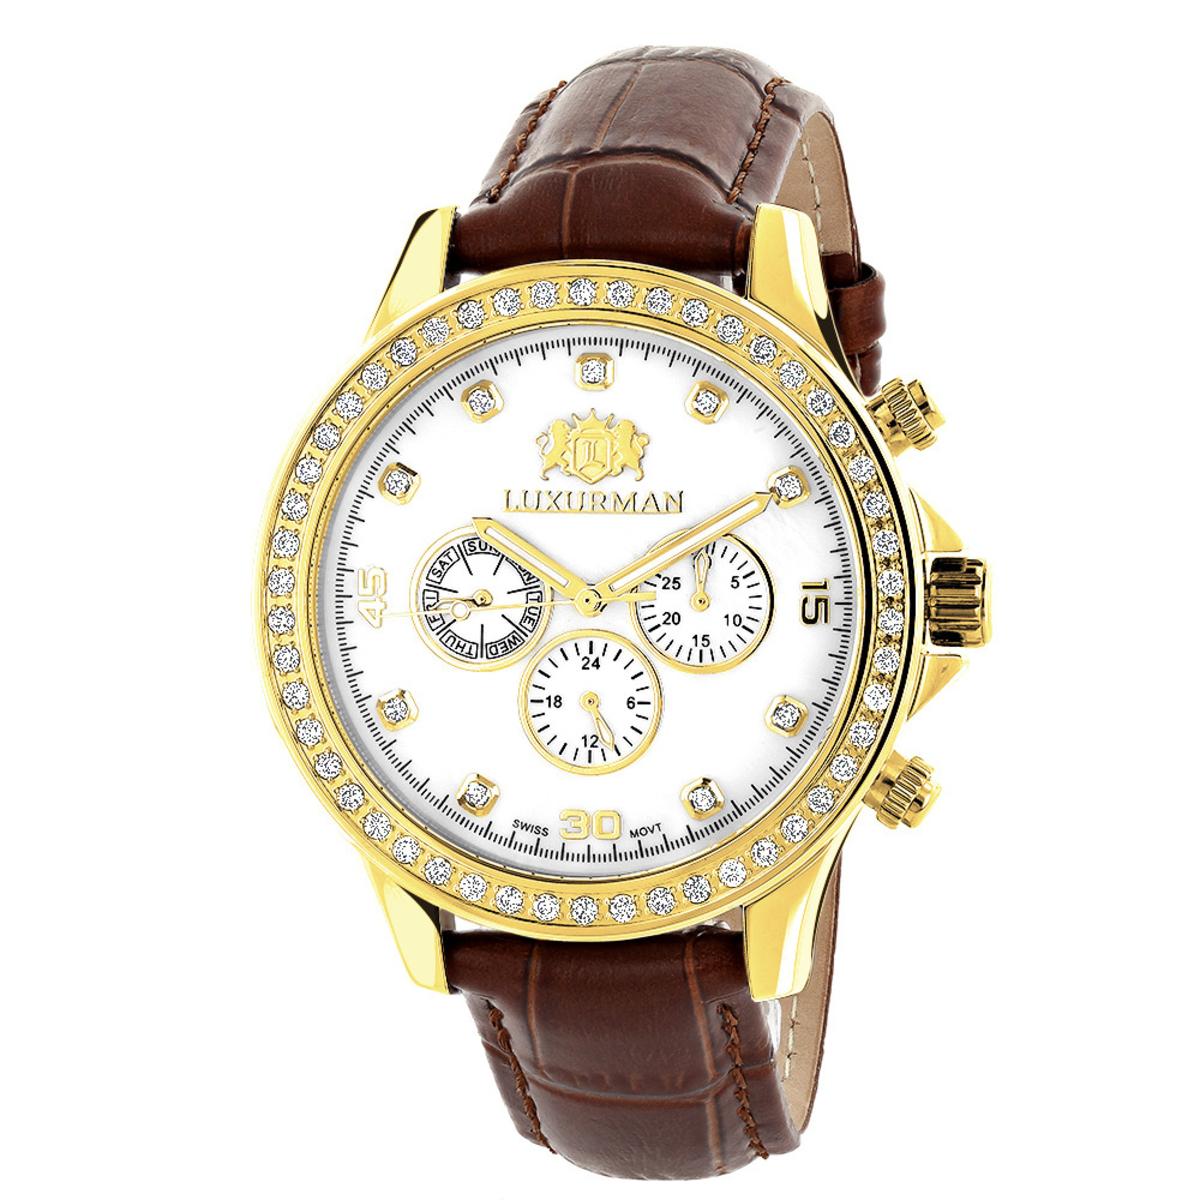 Luxurman Liberty Mens Diamond Watch Yellow Gold Plated 2ct Swiss Mvt